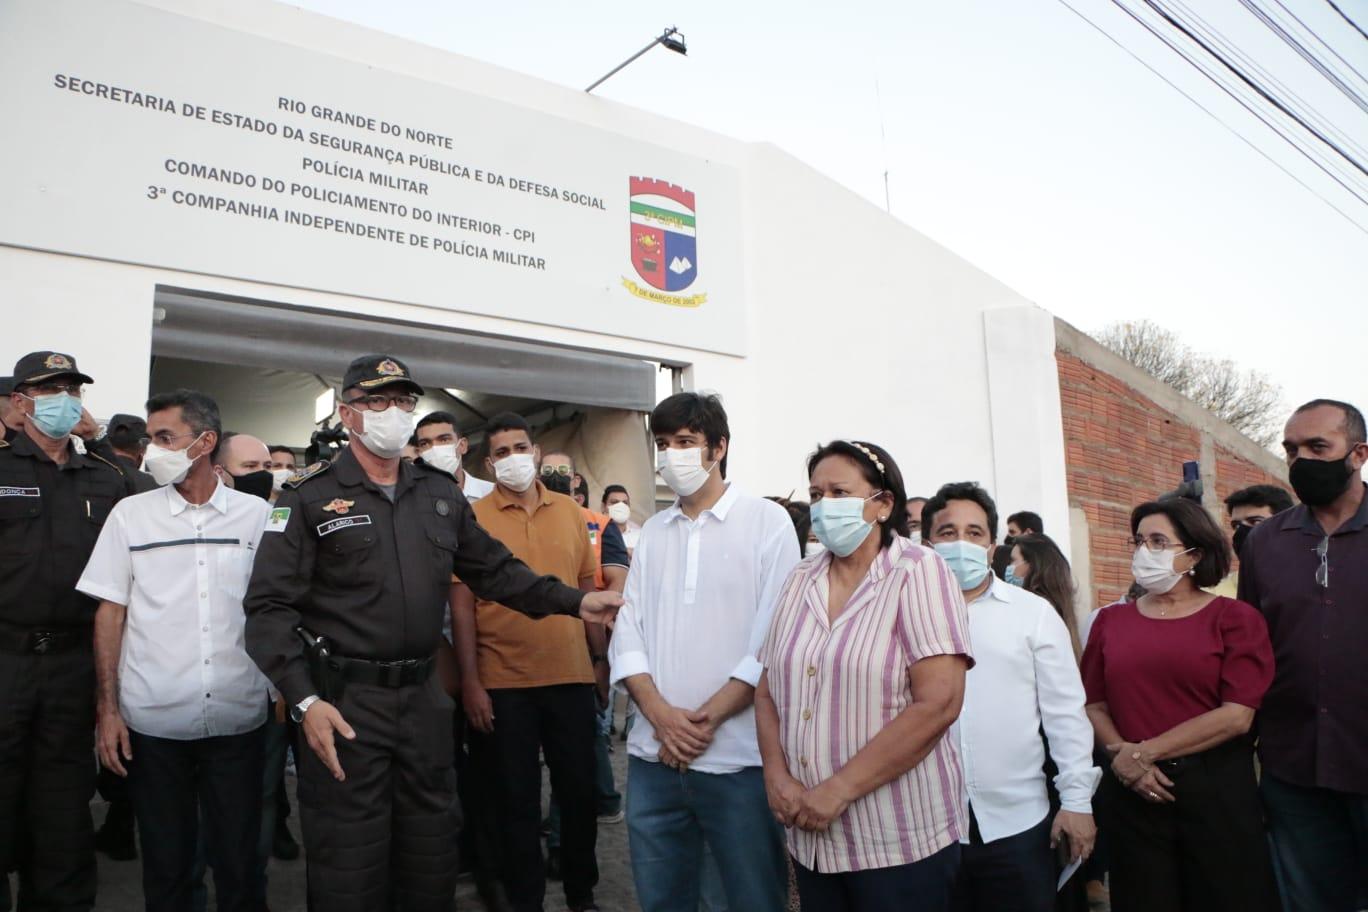 Governo do RN ativa 13º Batalhão de Polícia Militar em Currais Novos